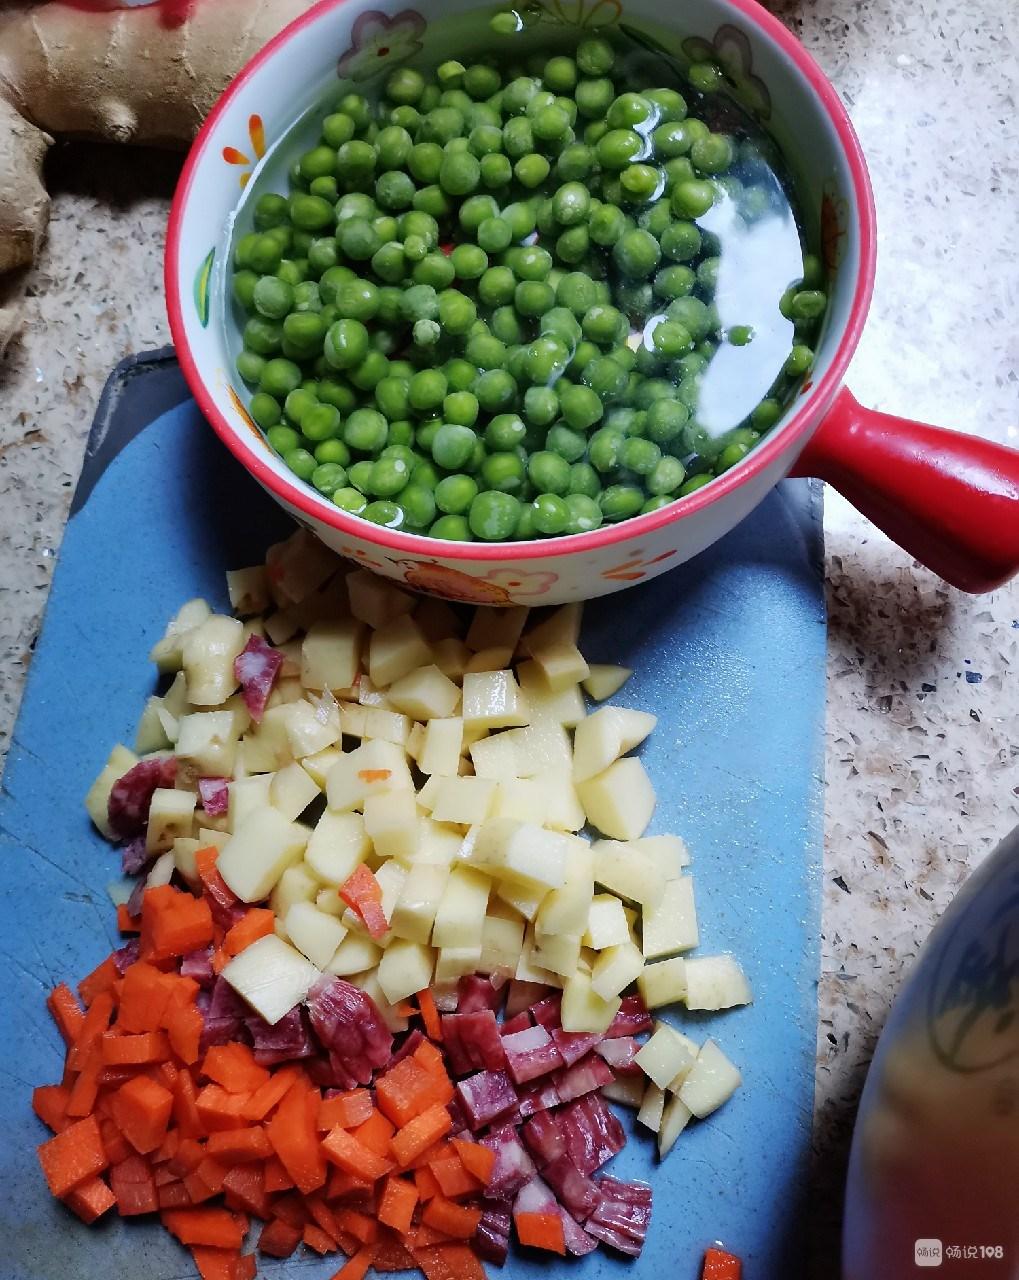 等不及了!这日子越来越近,长兴人吃饭都开始搞颜色